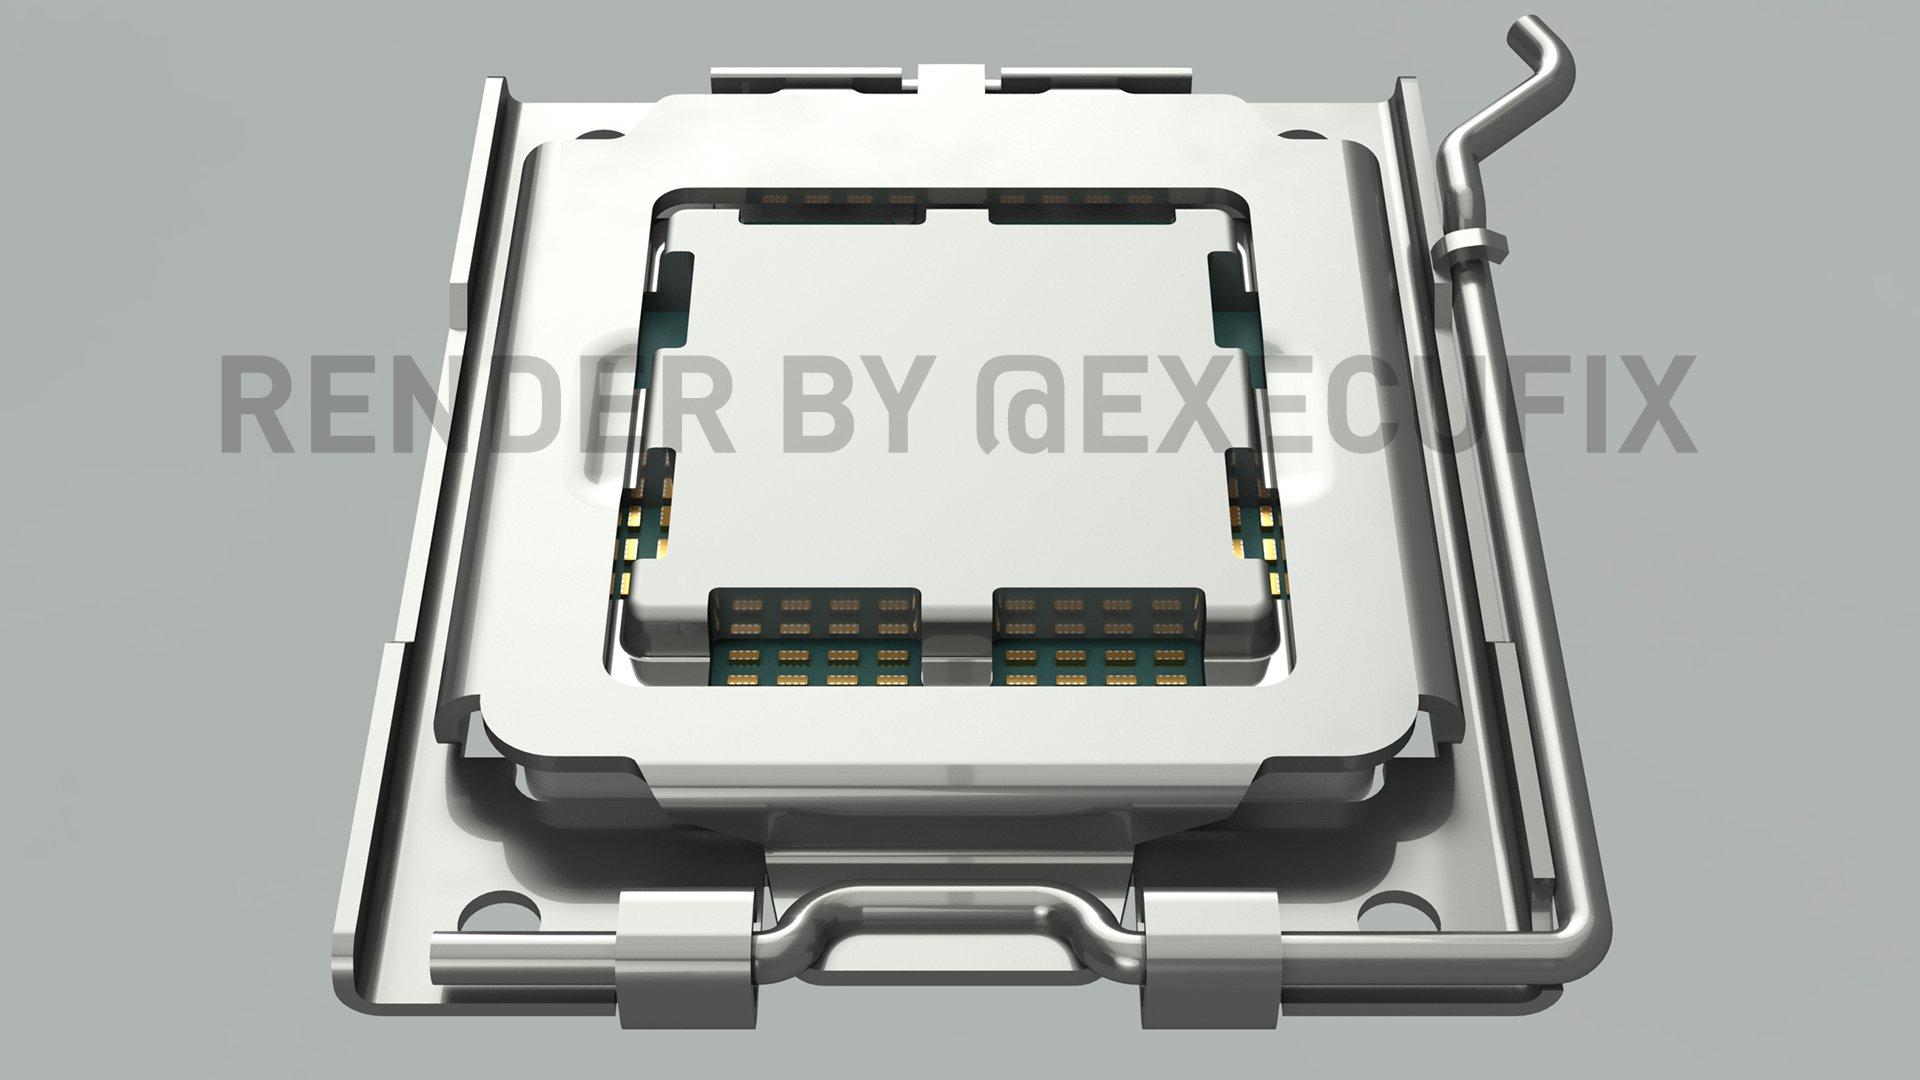 Se revelan los requisitos de TDP del disipador térmico y diseño de enchufes AMD AM5 LGA 1718, hasta 170 W TDP y compatible con enfriadores AM4